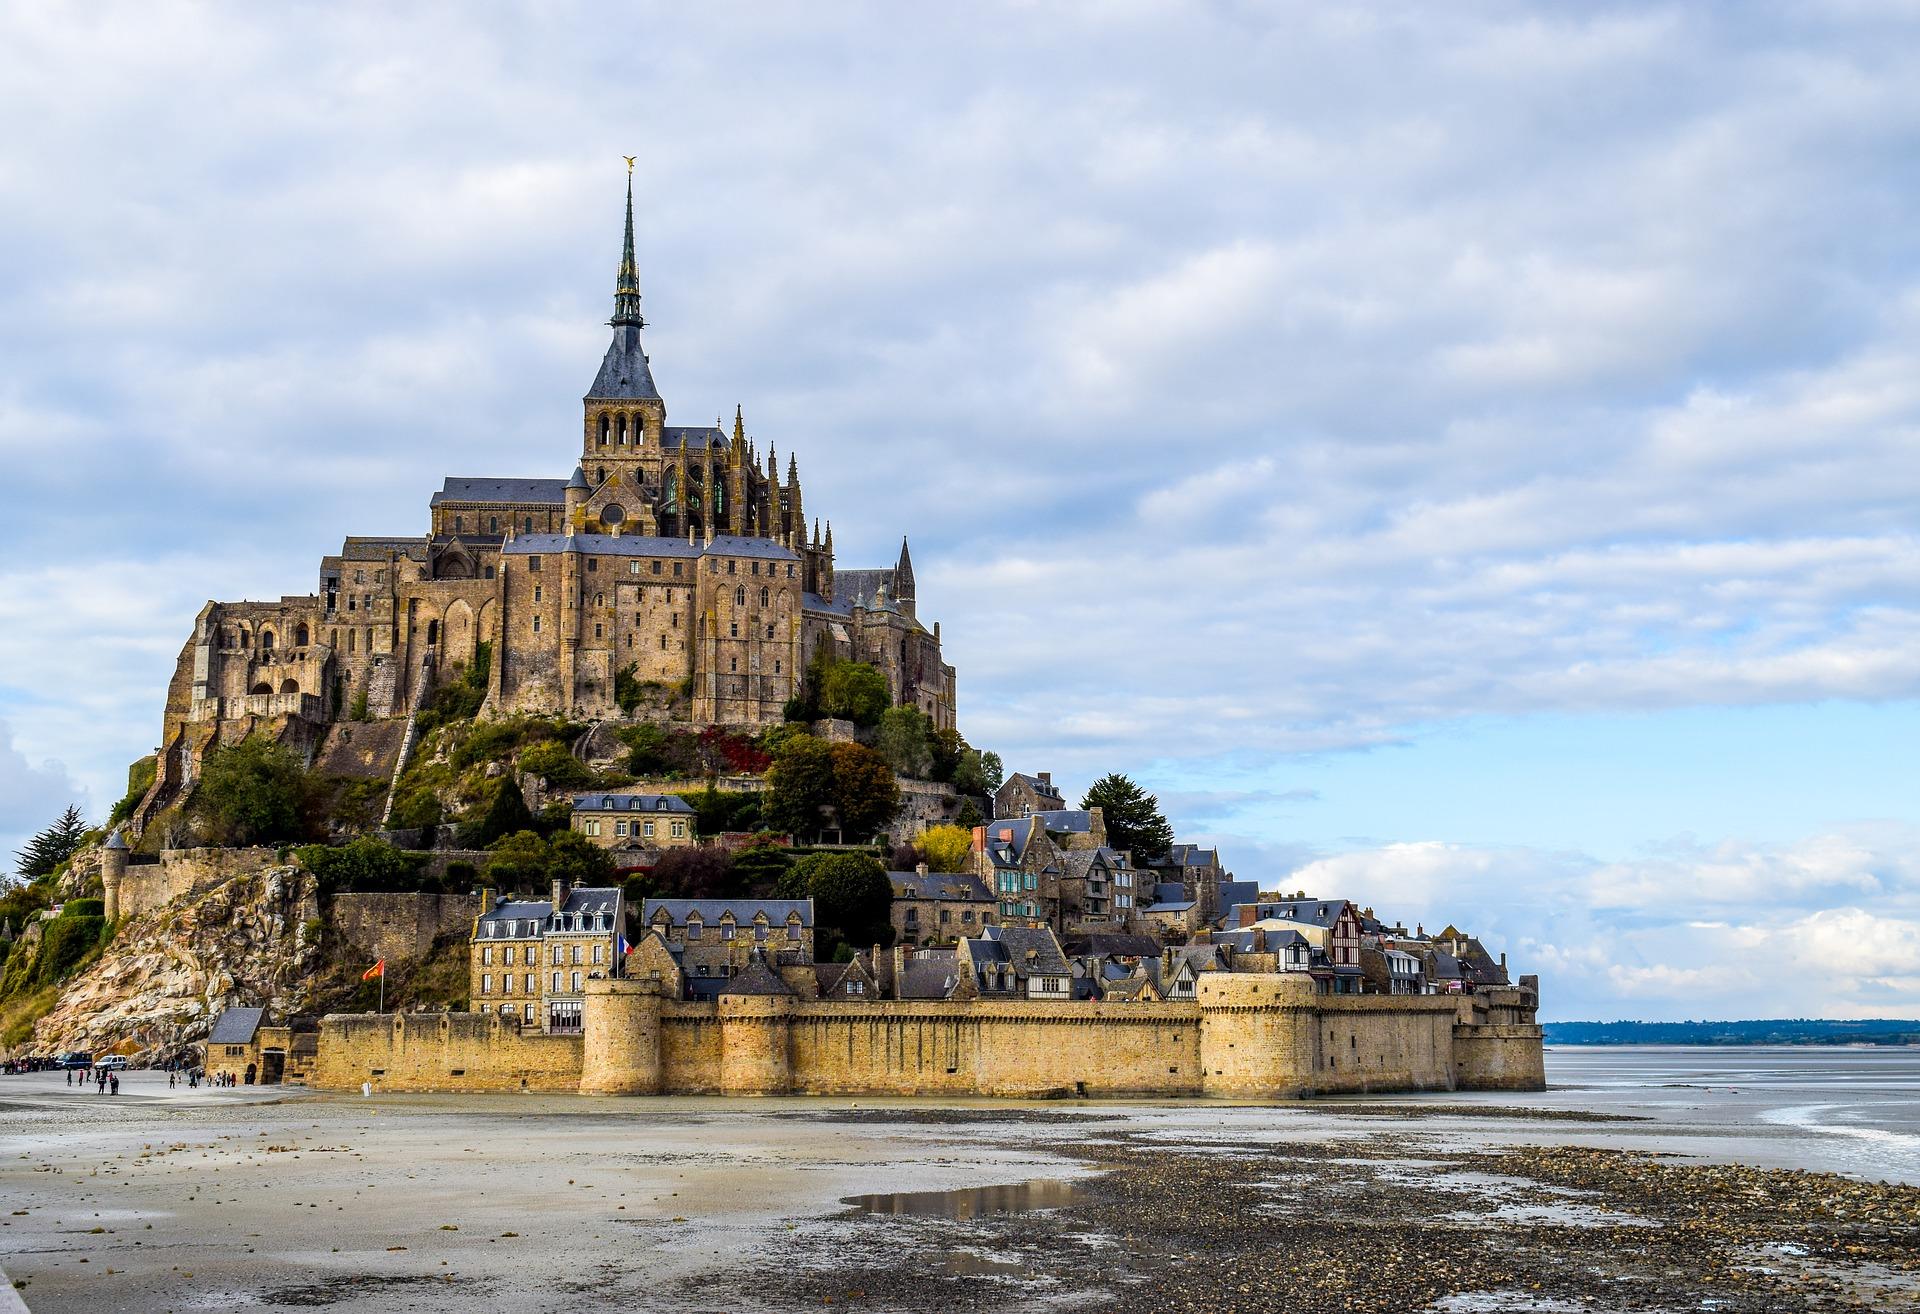 Mont Saint Michel Image par2990108 de Pixabay